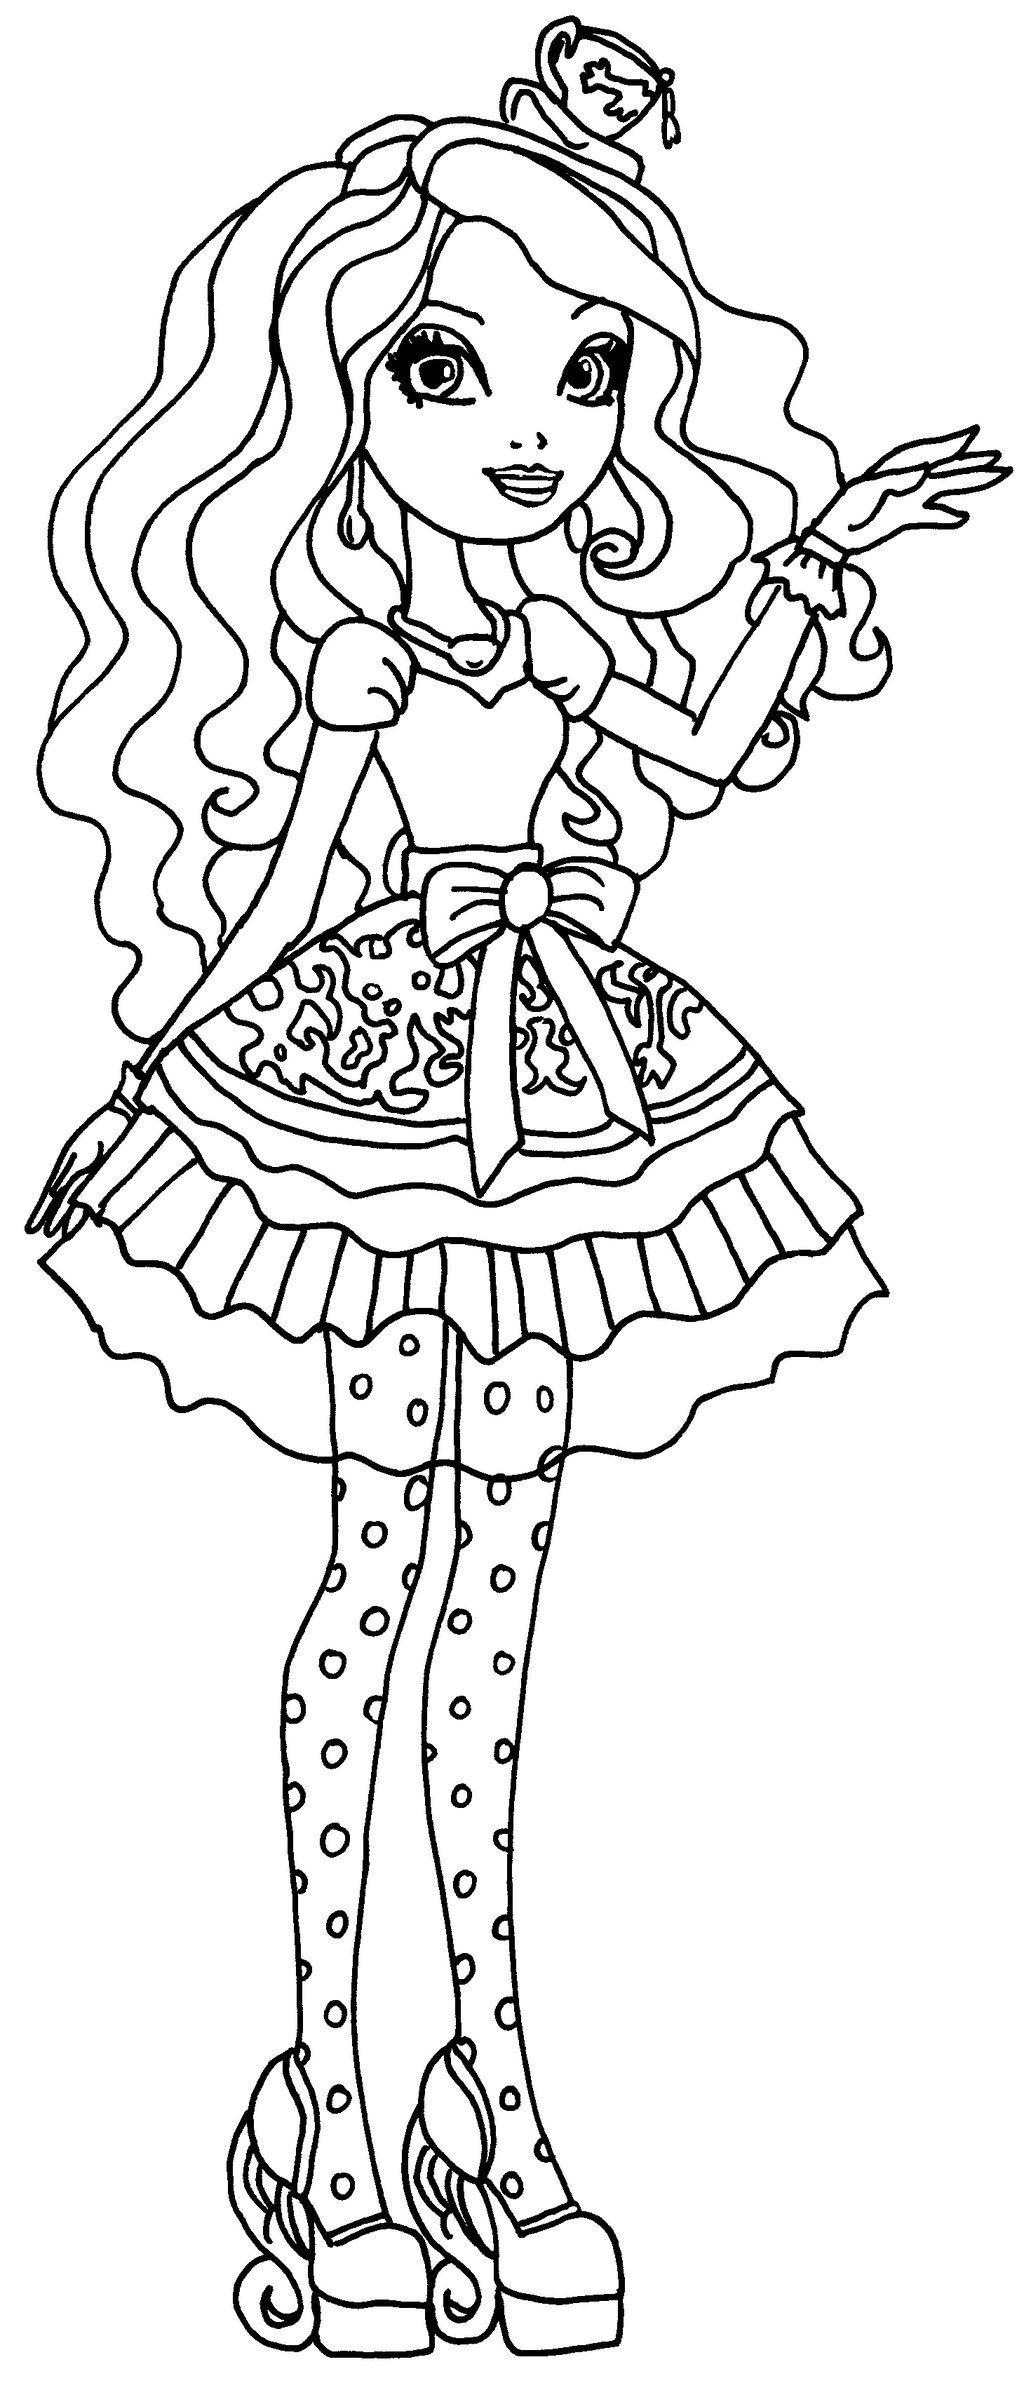 Madeline hatter by elfkena on deviantart coloring for Madeline coloring pages